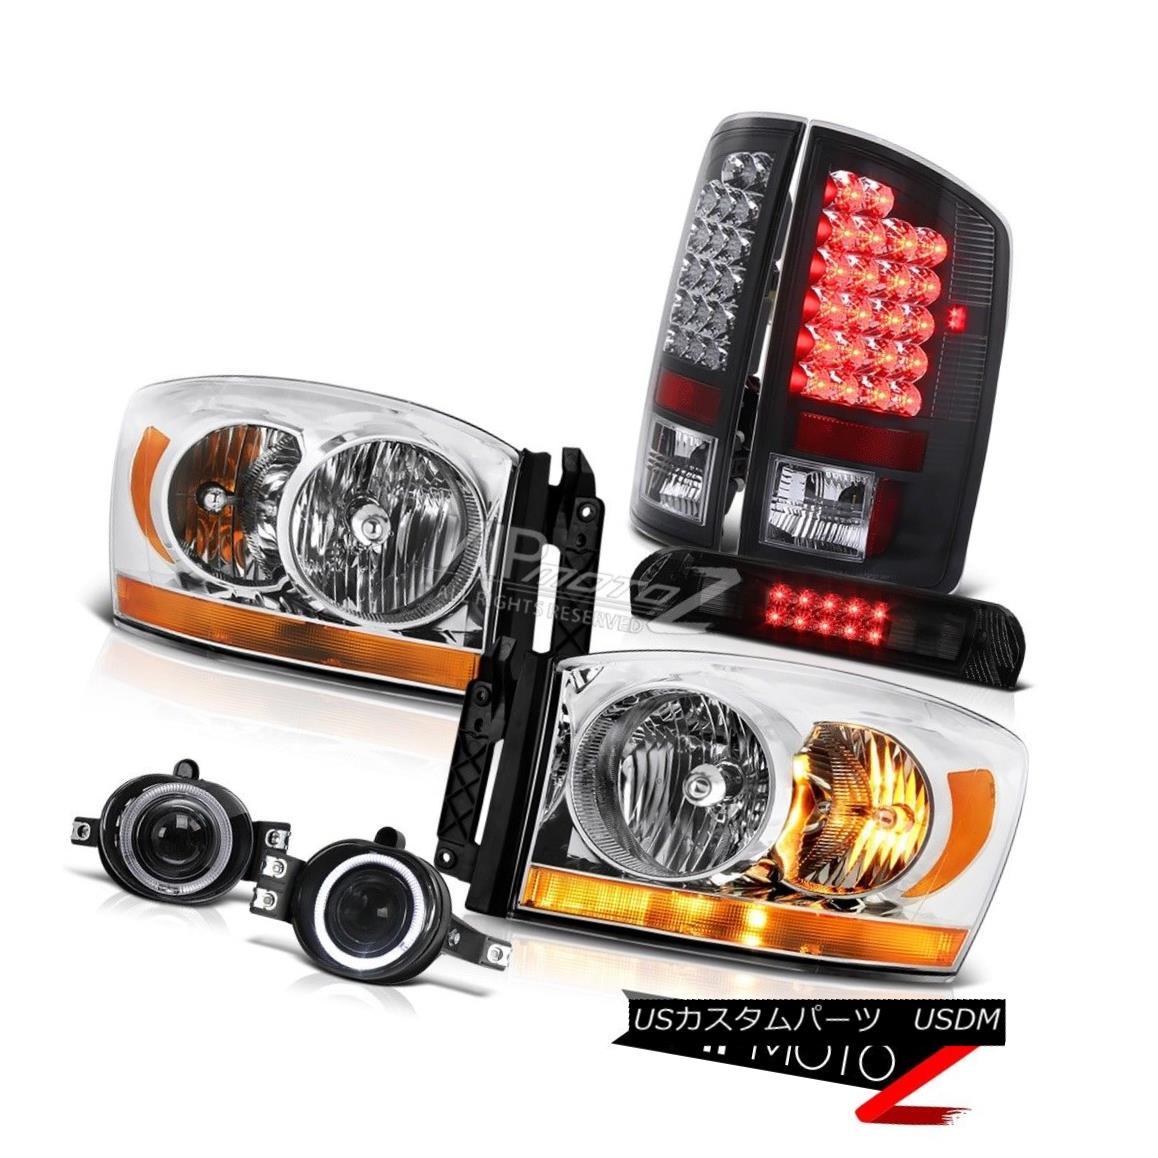 ヘッドライト 07-08 Dodge Ram 1500 5.9L Euro Clear Headlamps Fog Lamps Roof Cab Light Tail 07-08ダッジラム1500 5.9Lユーロクリアヘッドランプフォグランプルーフキャブライトテール